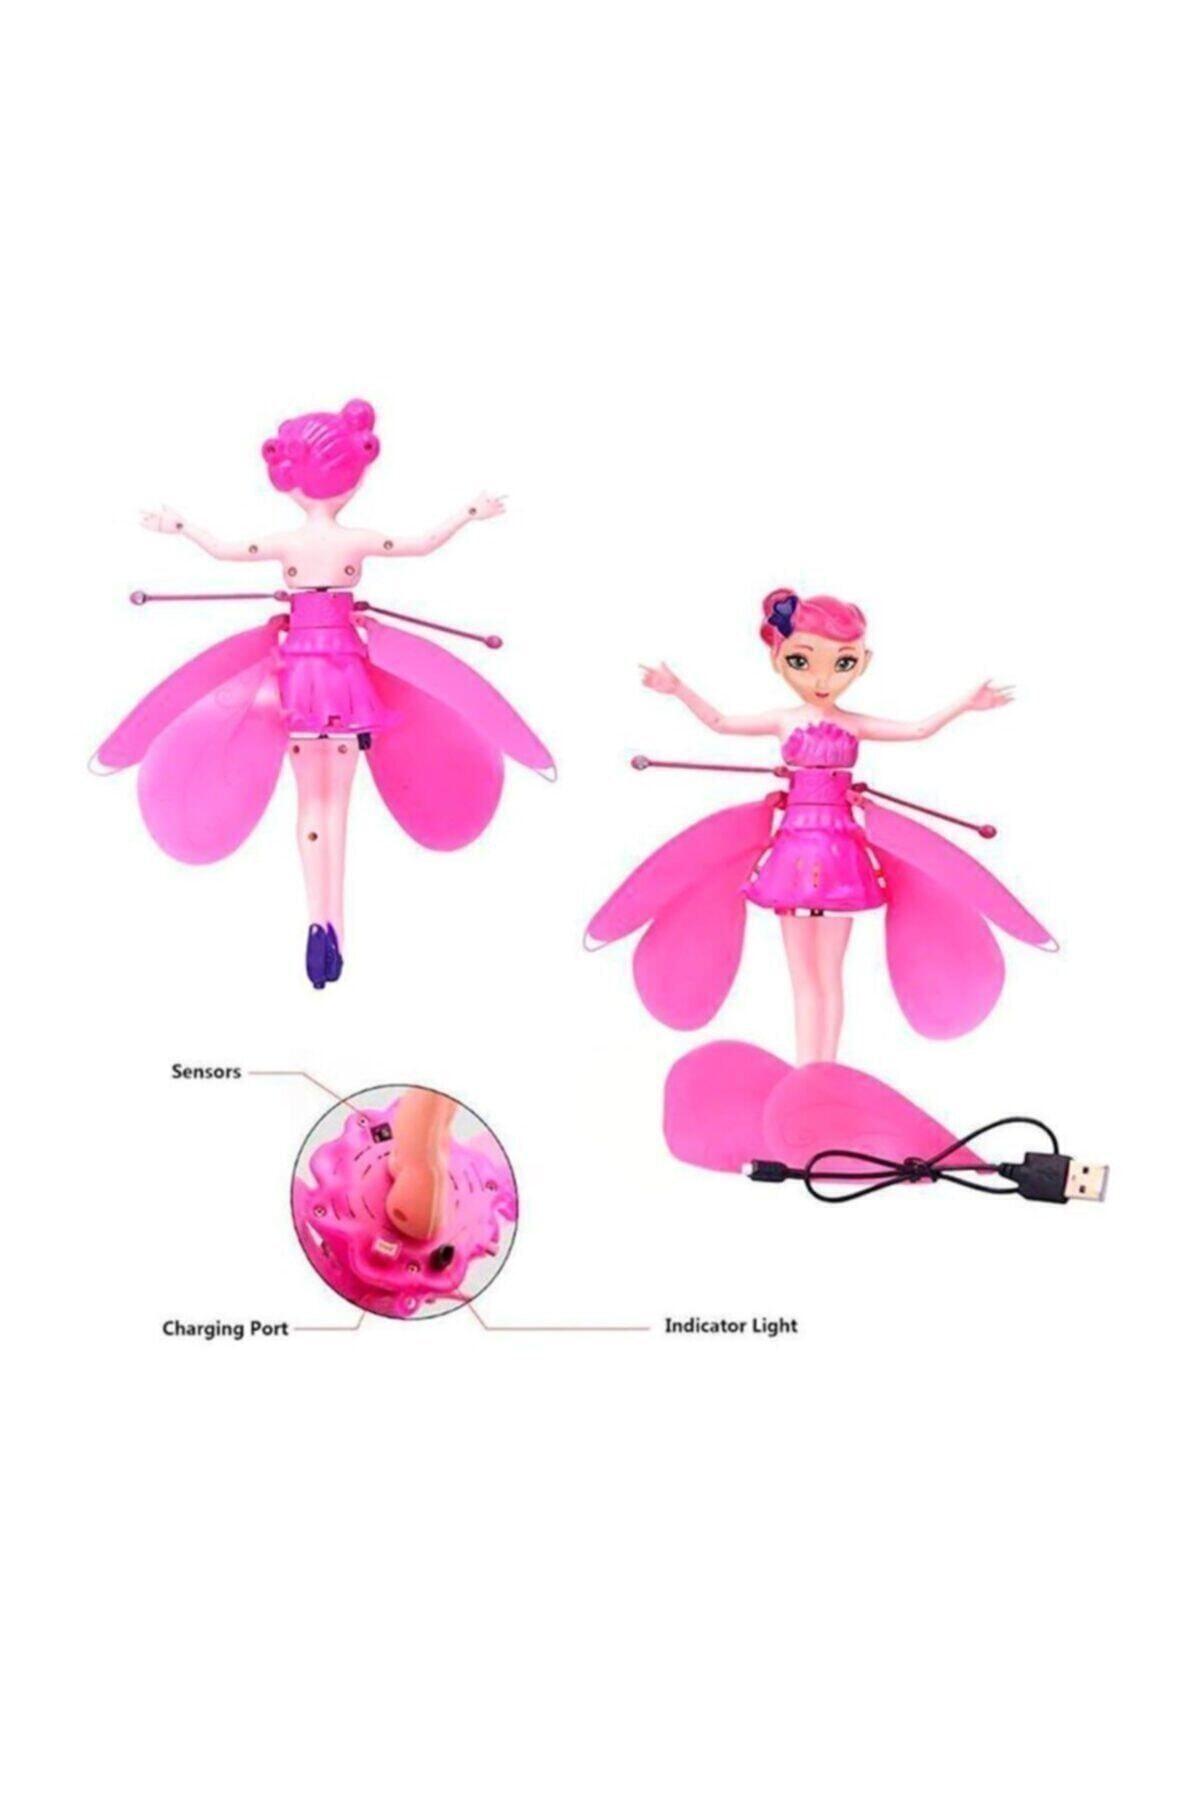 DEDE Uçan Peri Oyuncağı - Şarjlı, Hareket Sensörlü - Sihirli Flying Fairy, Pembe 2